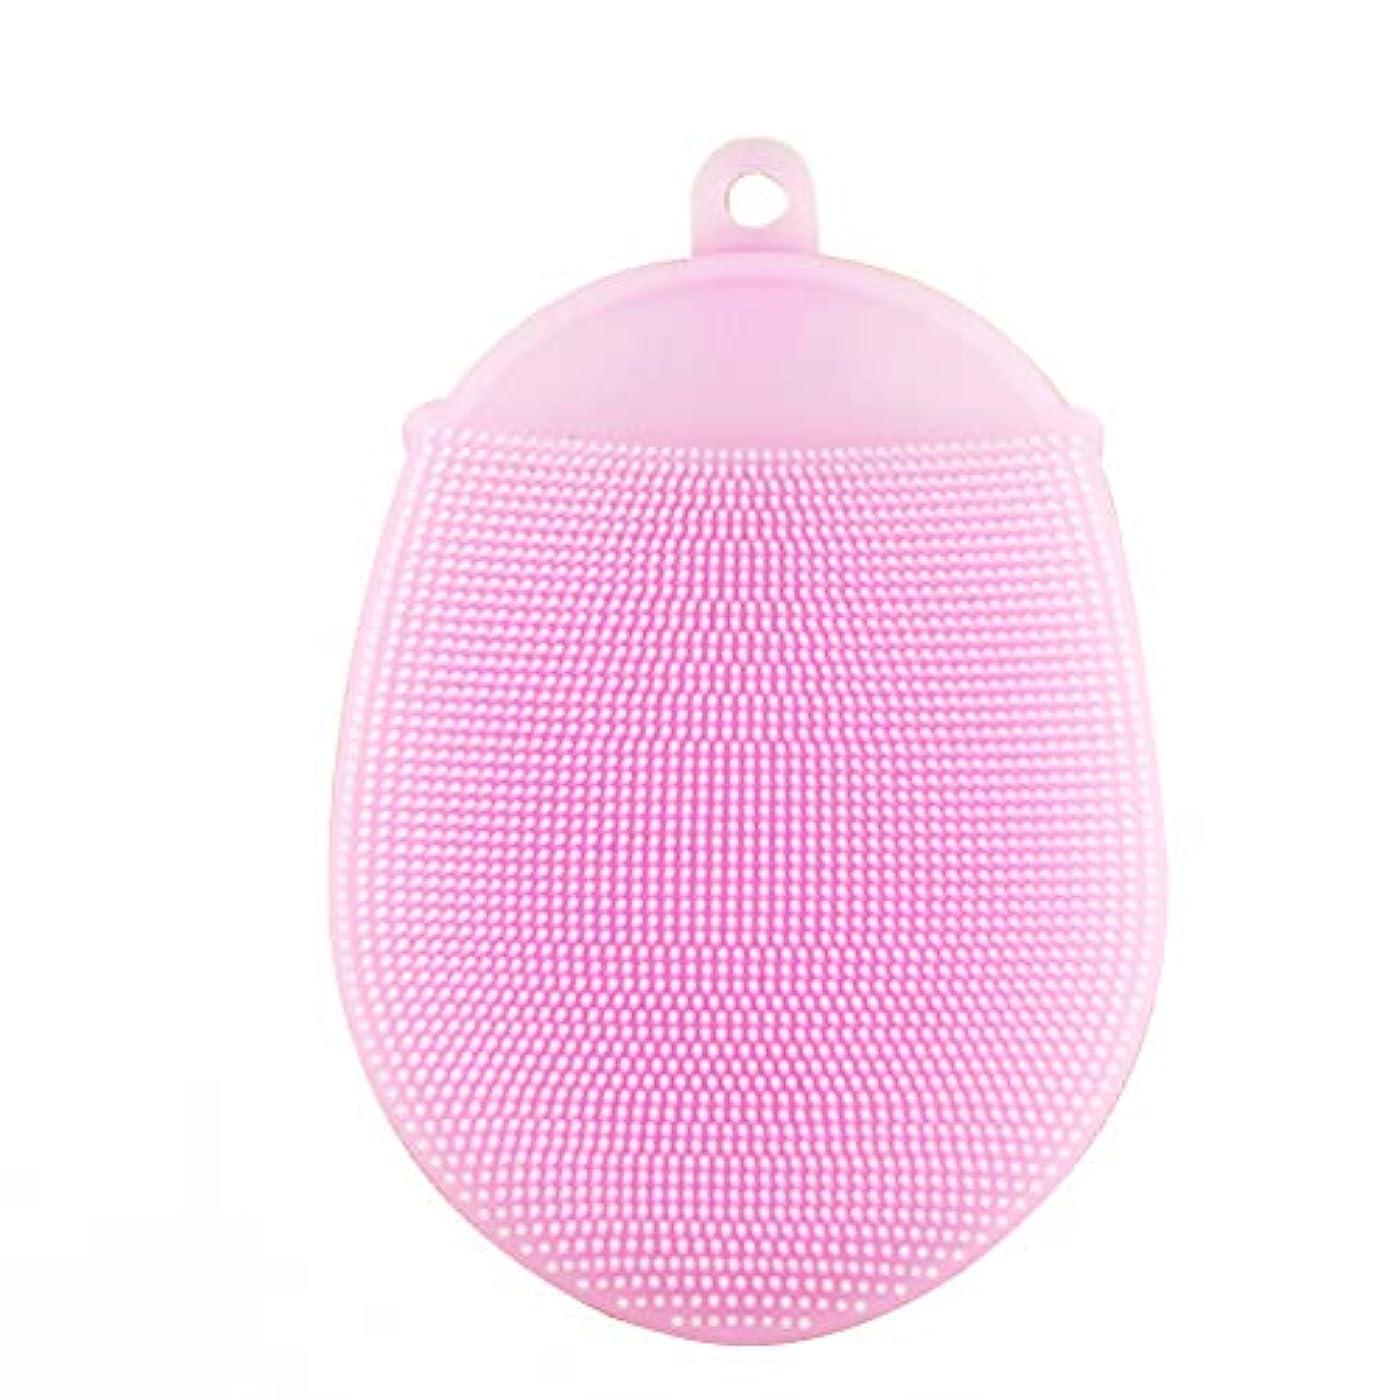 影響刃汚いHealifty シリコンボディ入浴ブラシフェイスクレンザーブラシパッドシャワースクラバー手袋2本(ピンク)